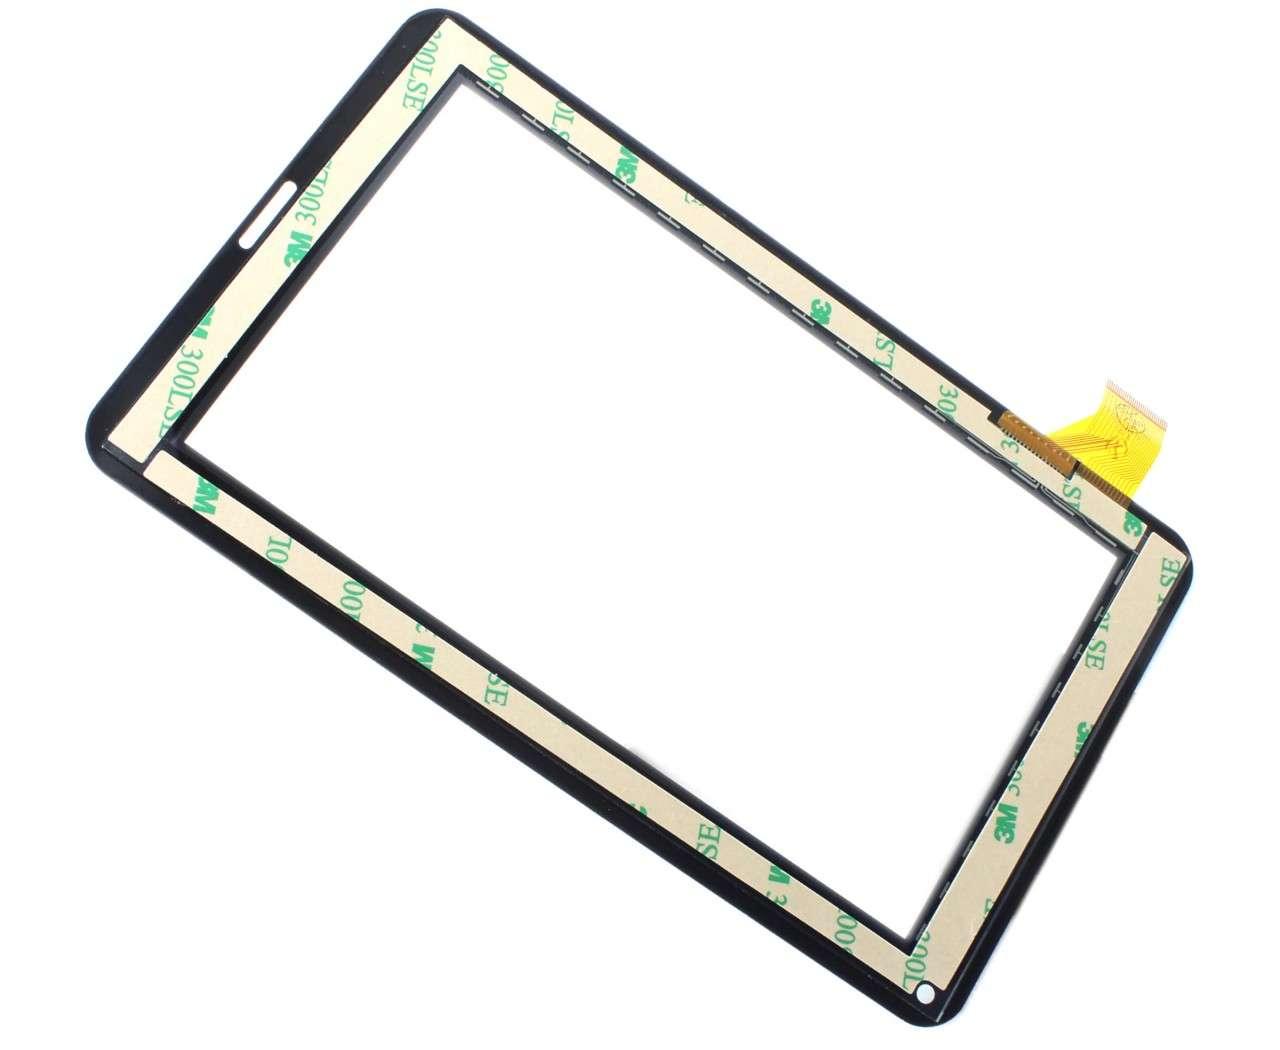 Touchscreen Digitizer Manta MID714 Geam Sticla Tableta imagine powerlaptop.ro 2021